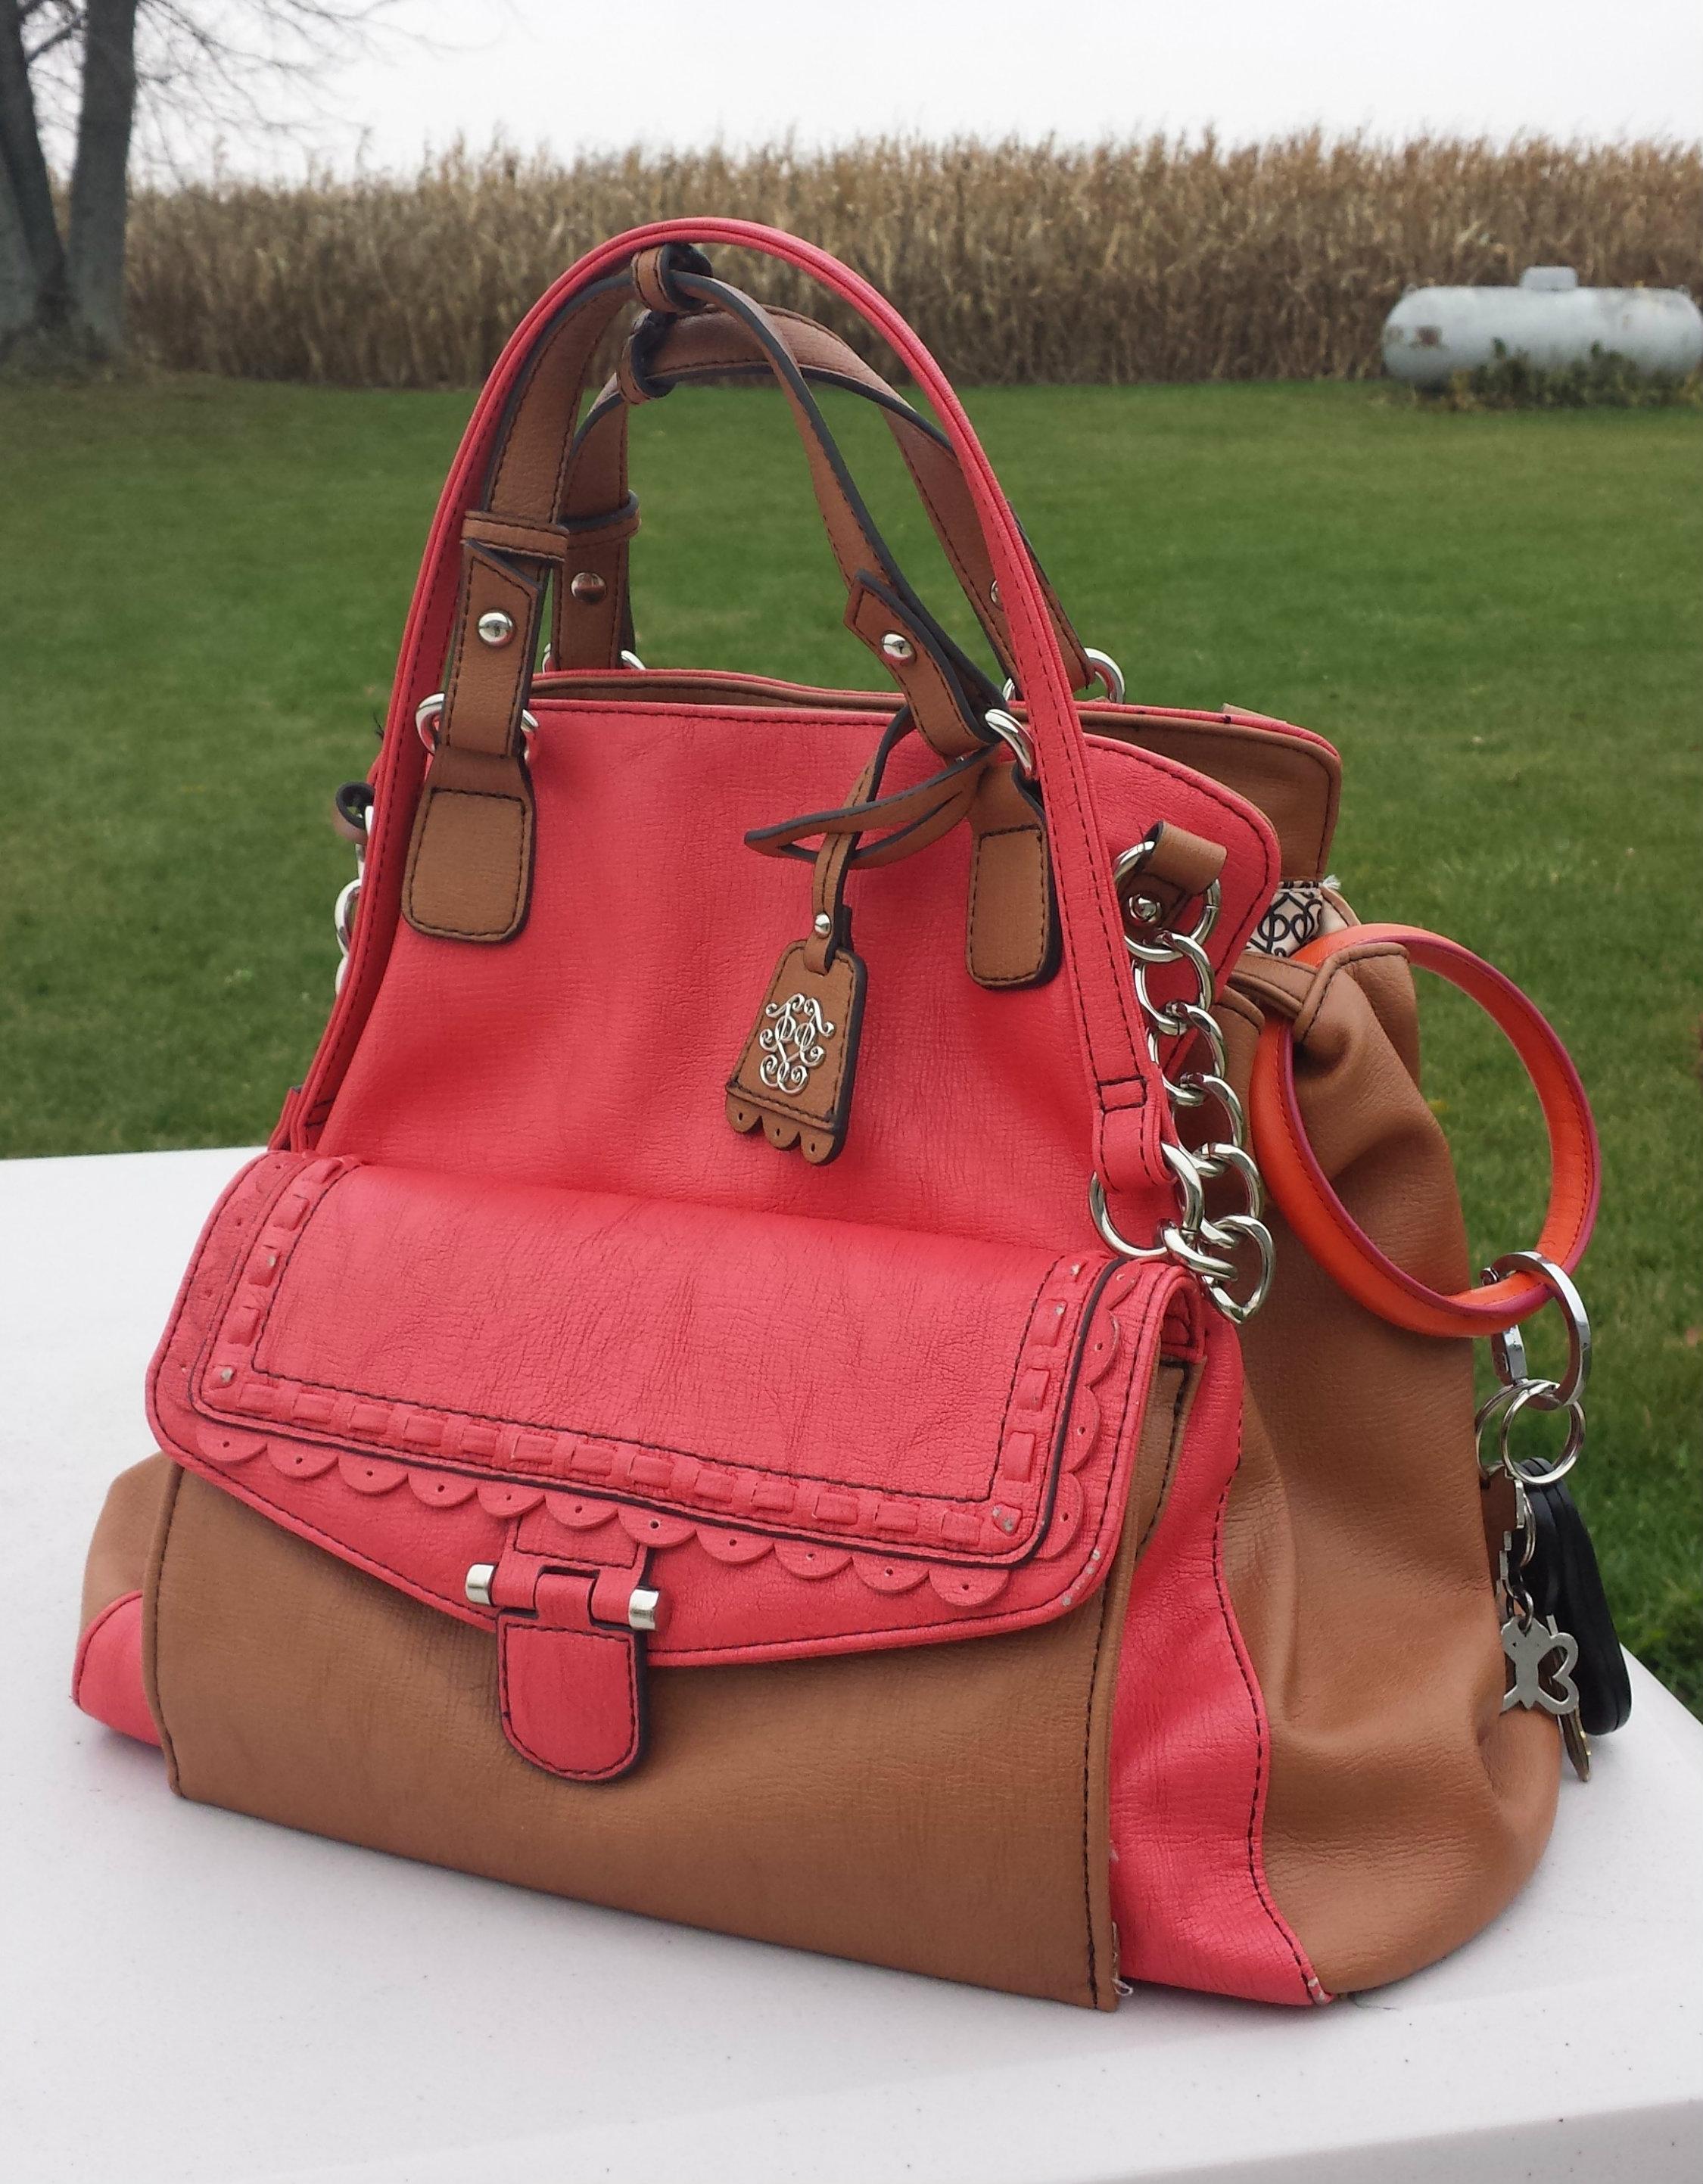 2f27763b3488 Ross Stores Handbags - Foto Handbag All Collections Salonagafiya.Com